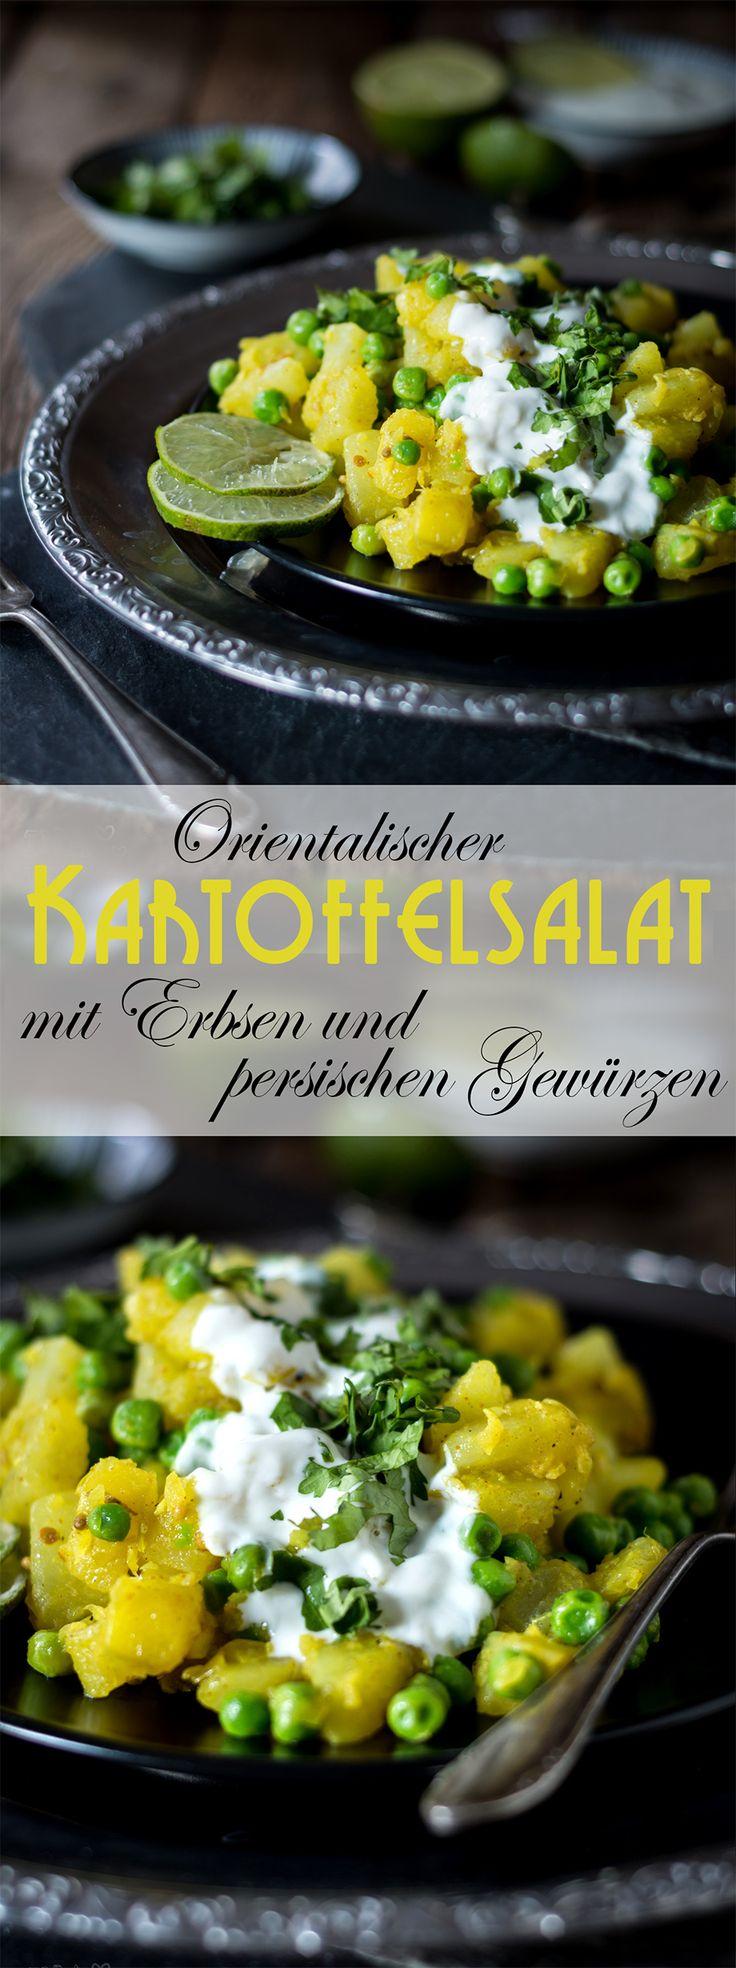 97 besten Vegetarische Gerichte / Vegi Food Bilder auf Pinterest ...